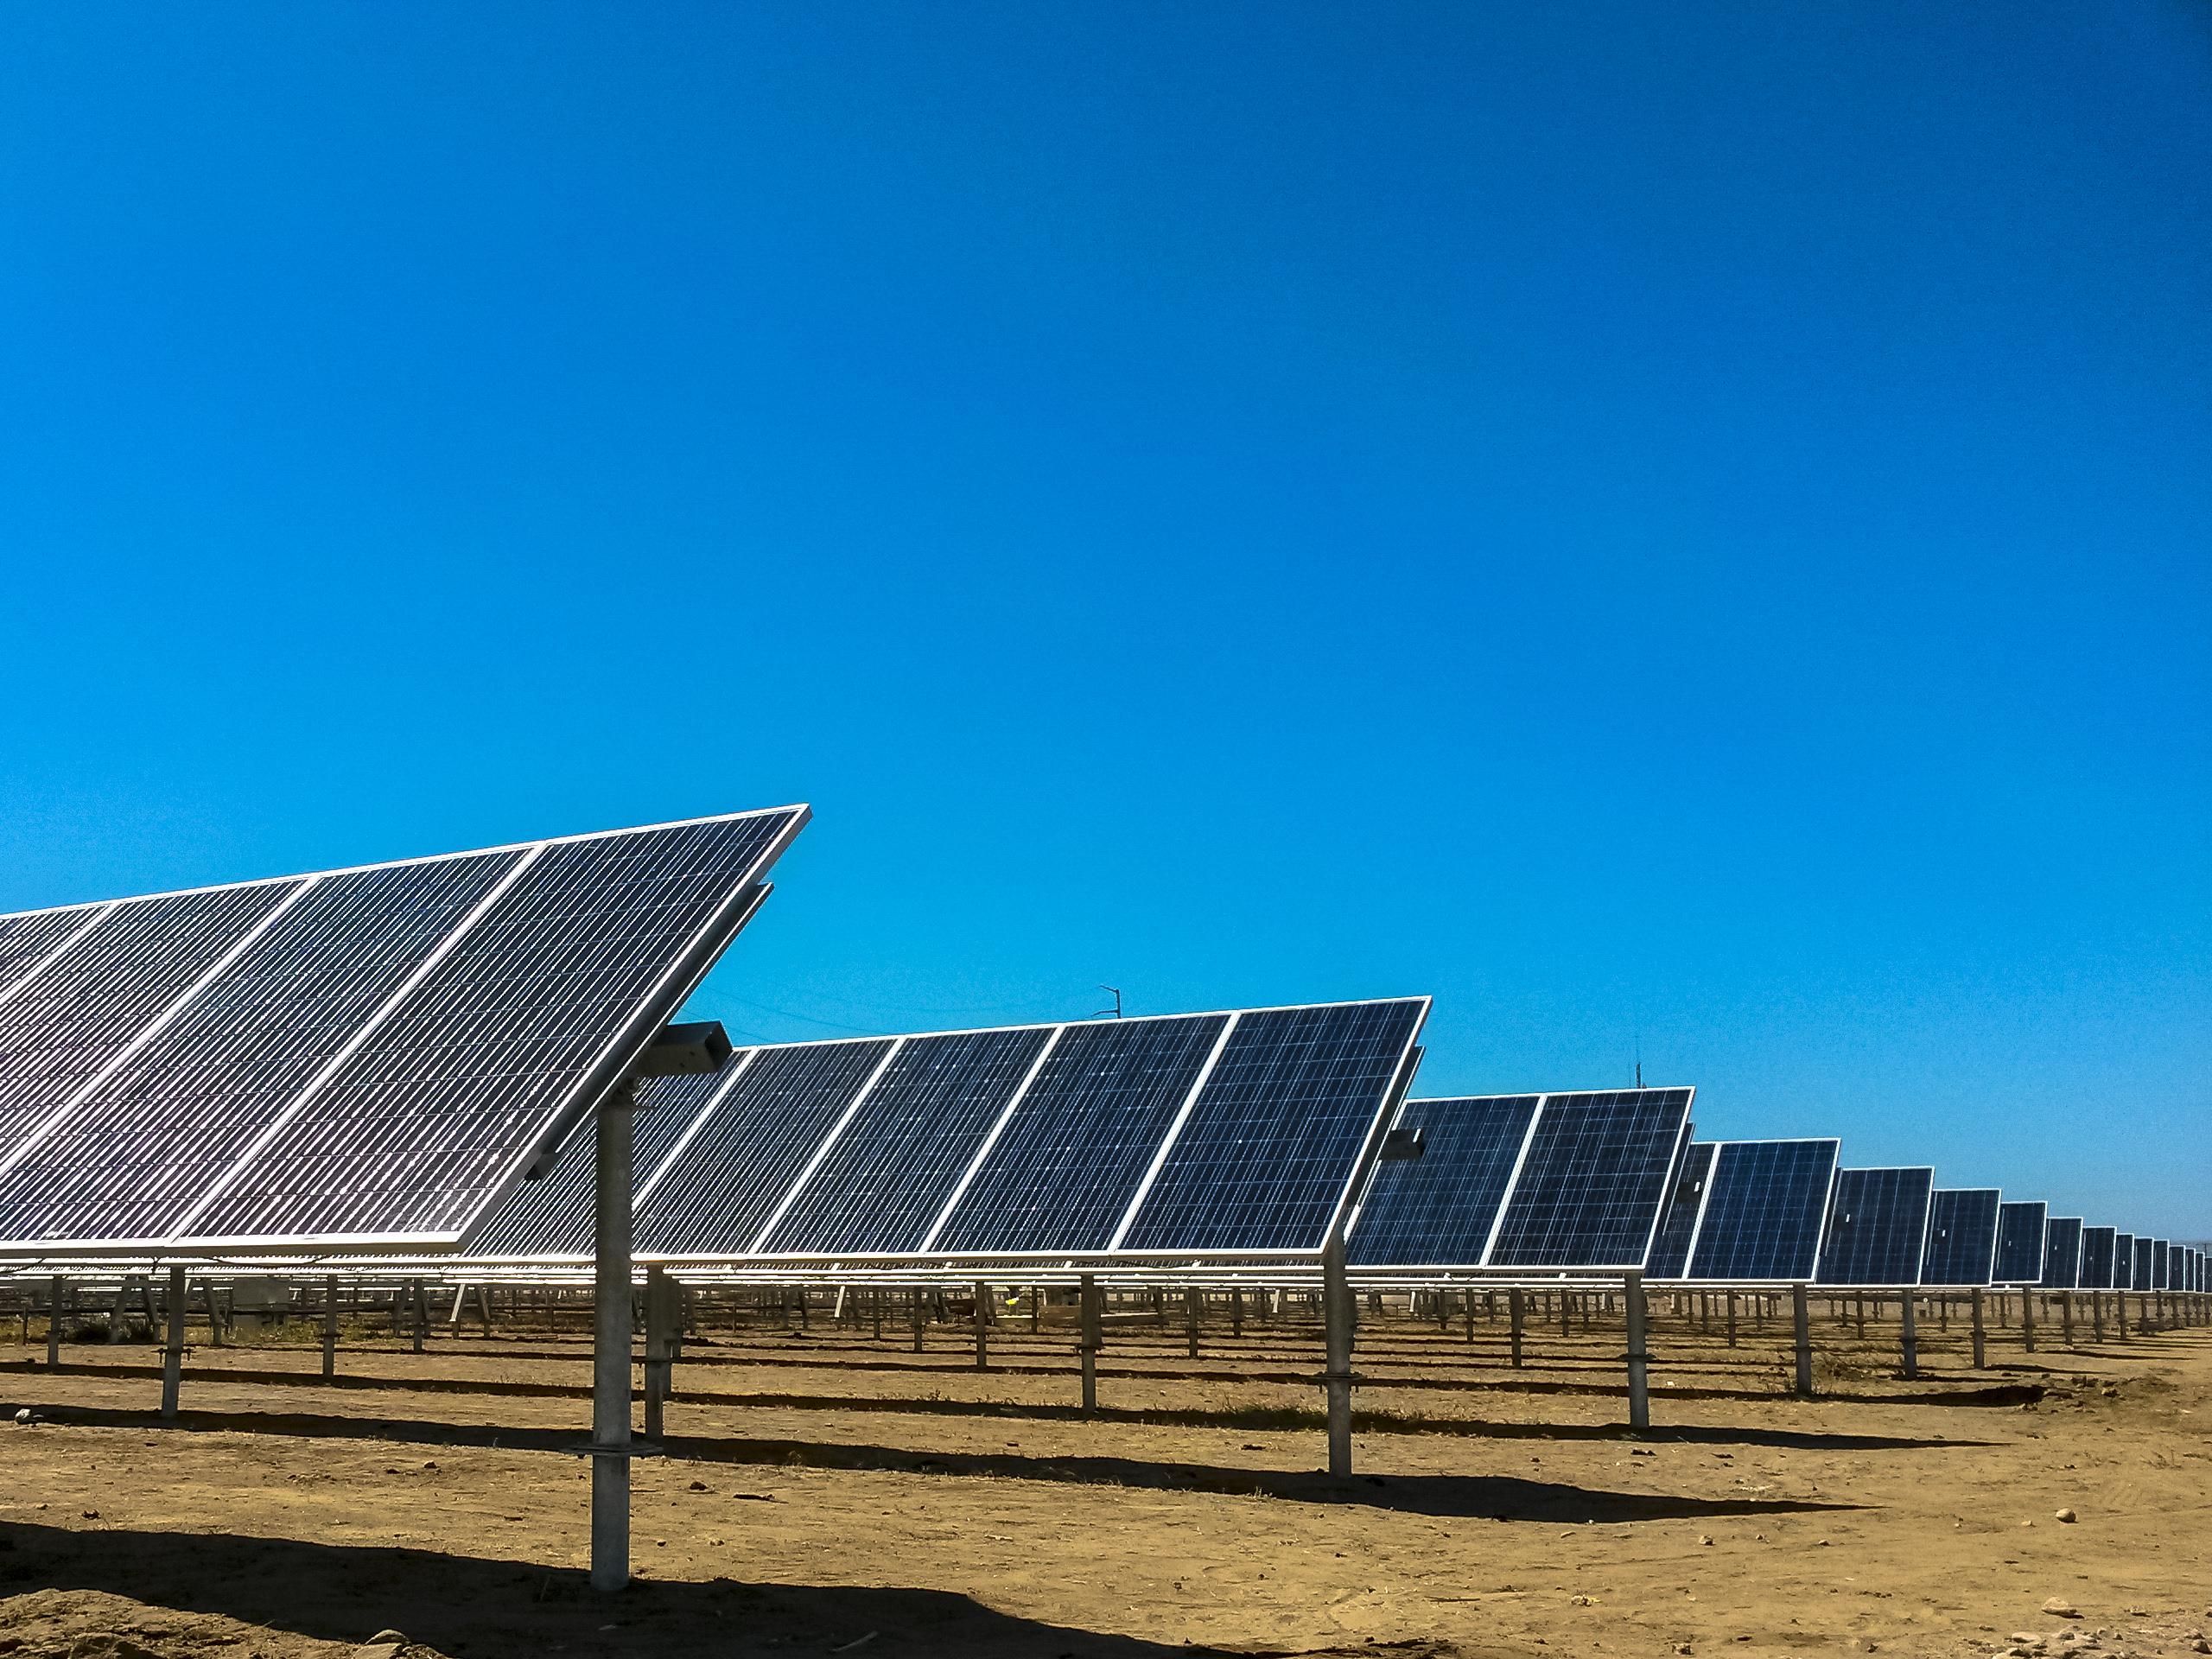 Esta firma coreana invertirá 315 mdd en tres plantas solares